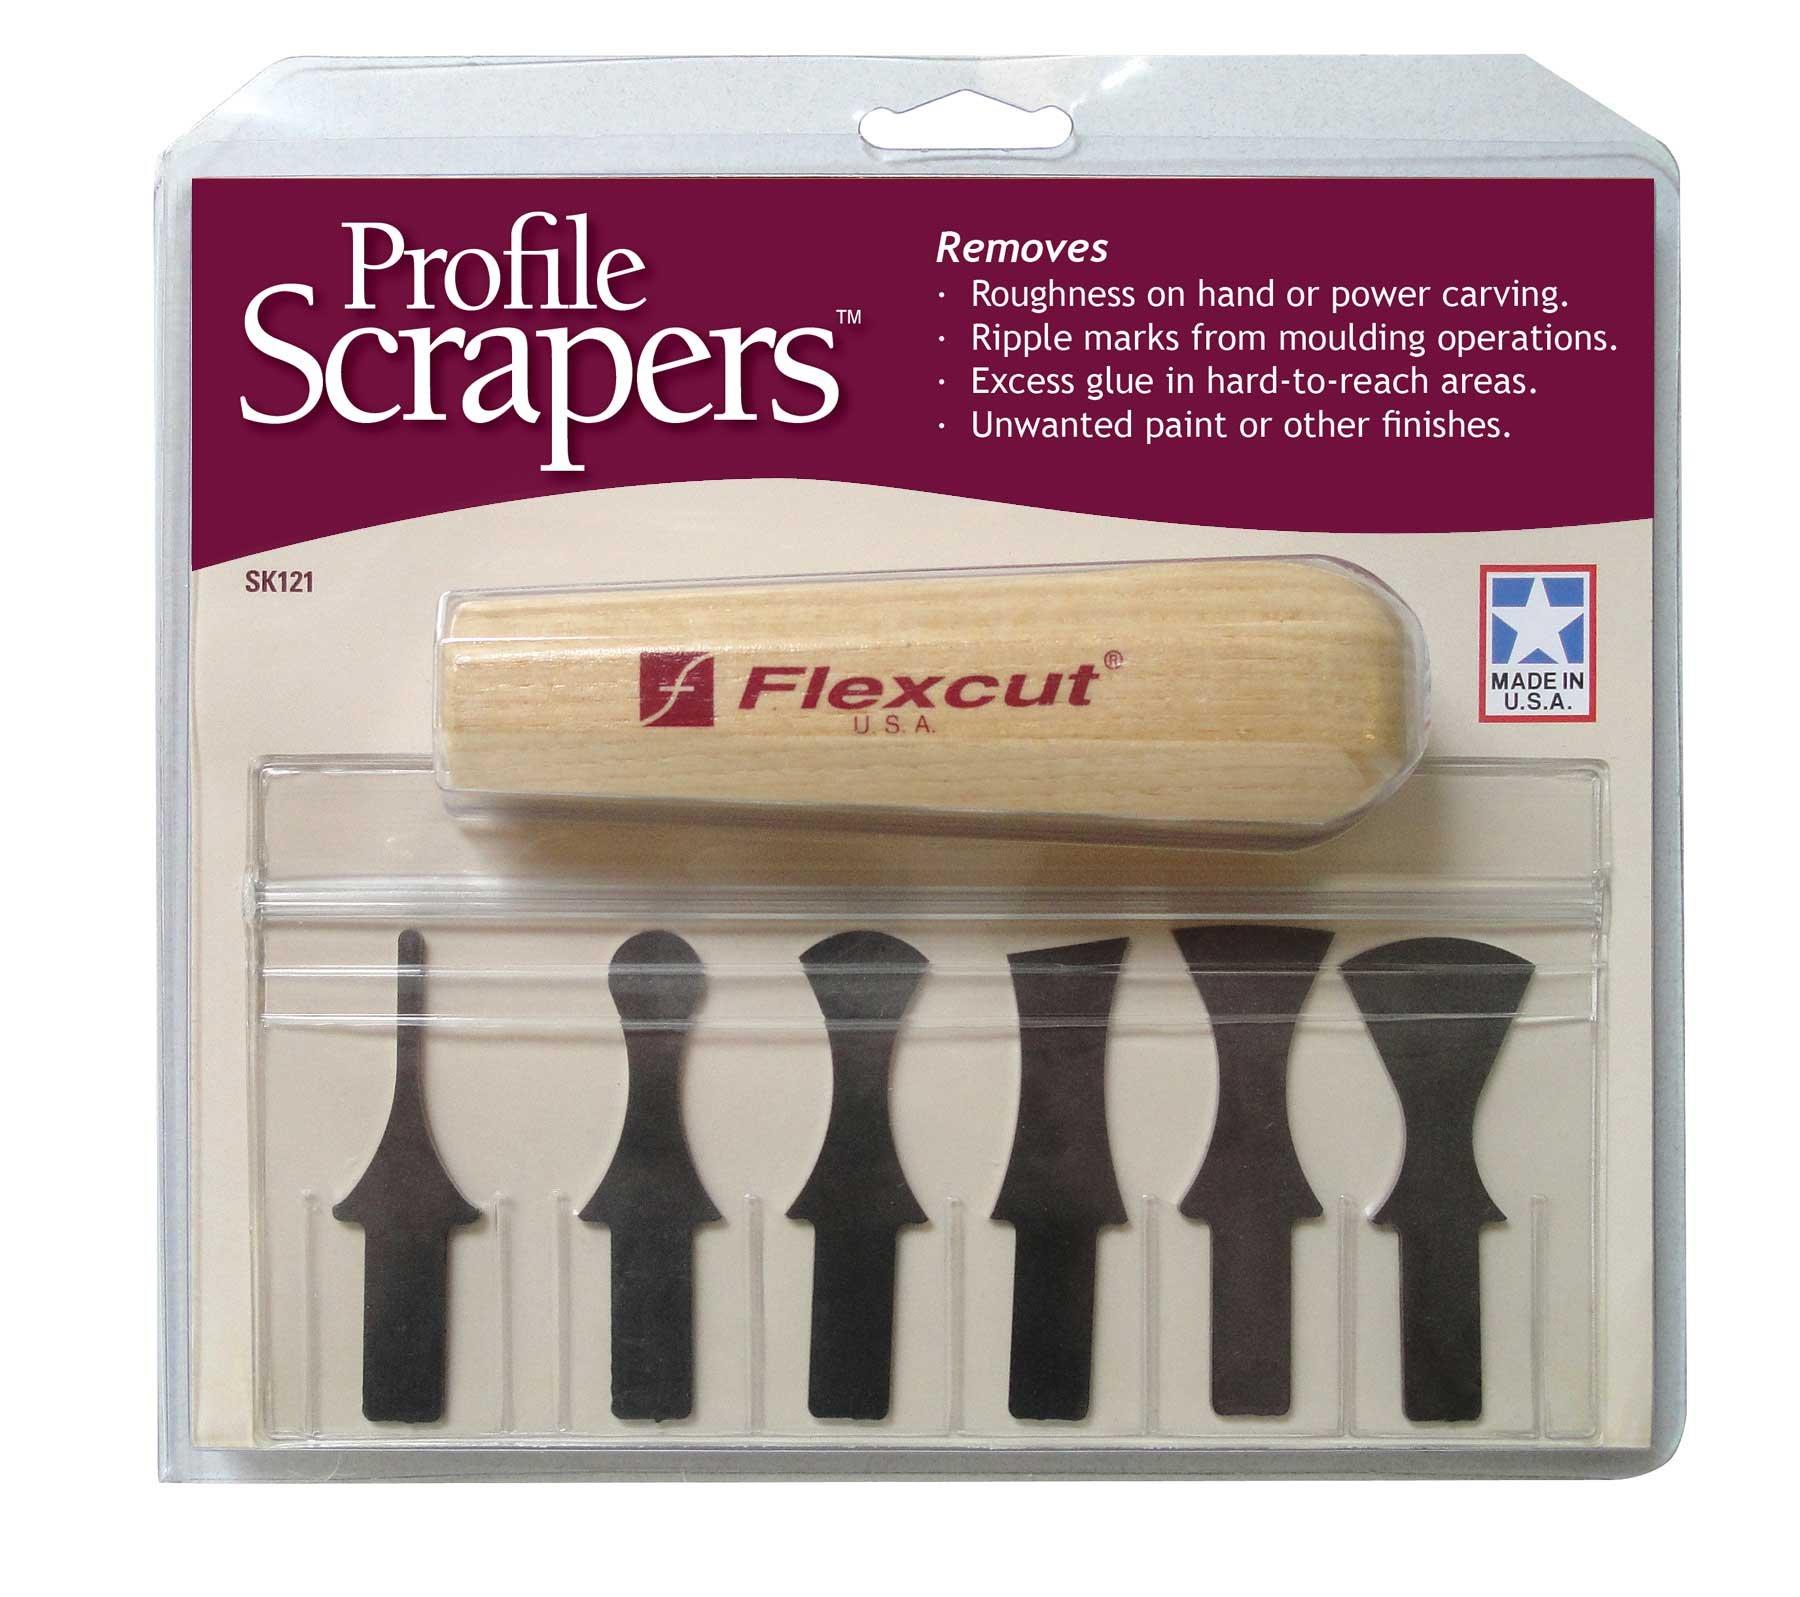 Flexcut Profile Scraper Set, 6 Scraper Bits and Ash Wood Power Handle (SK121) by Flexcut